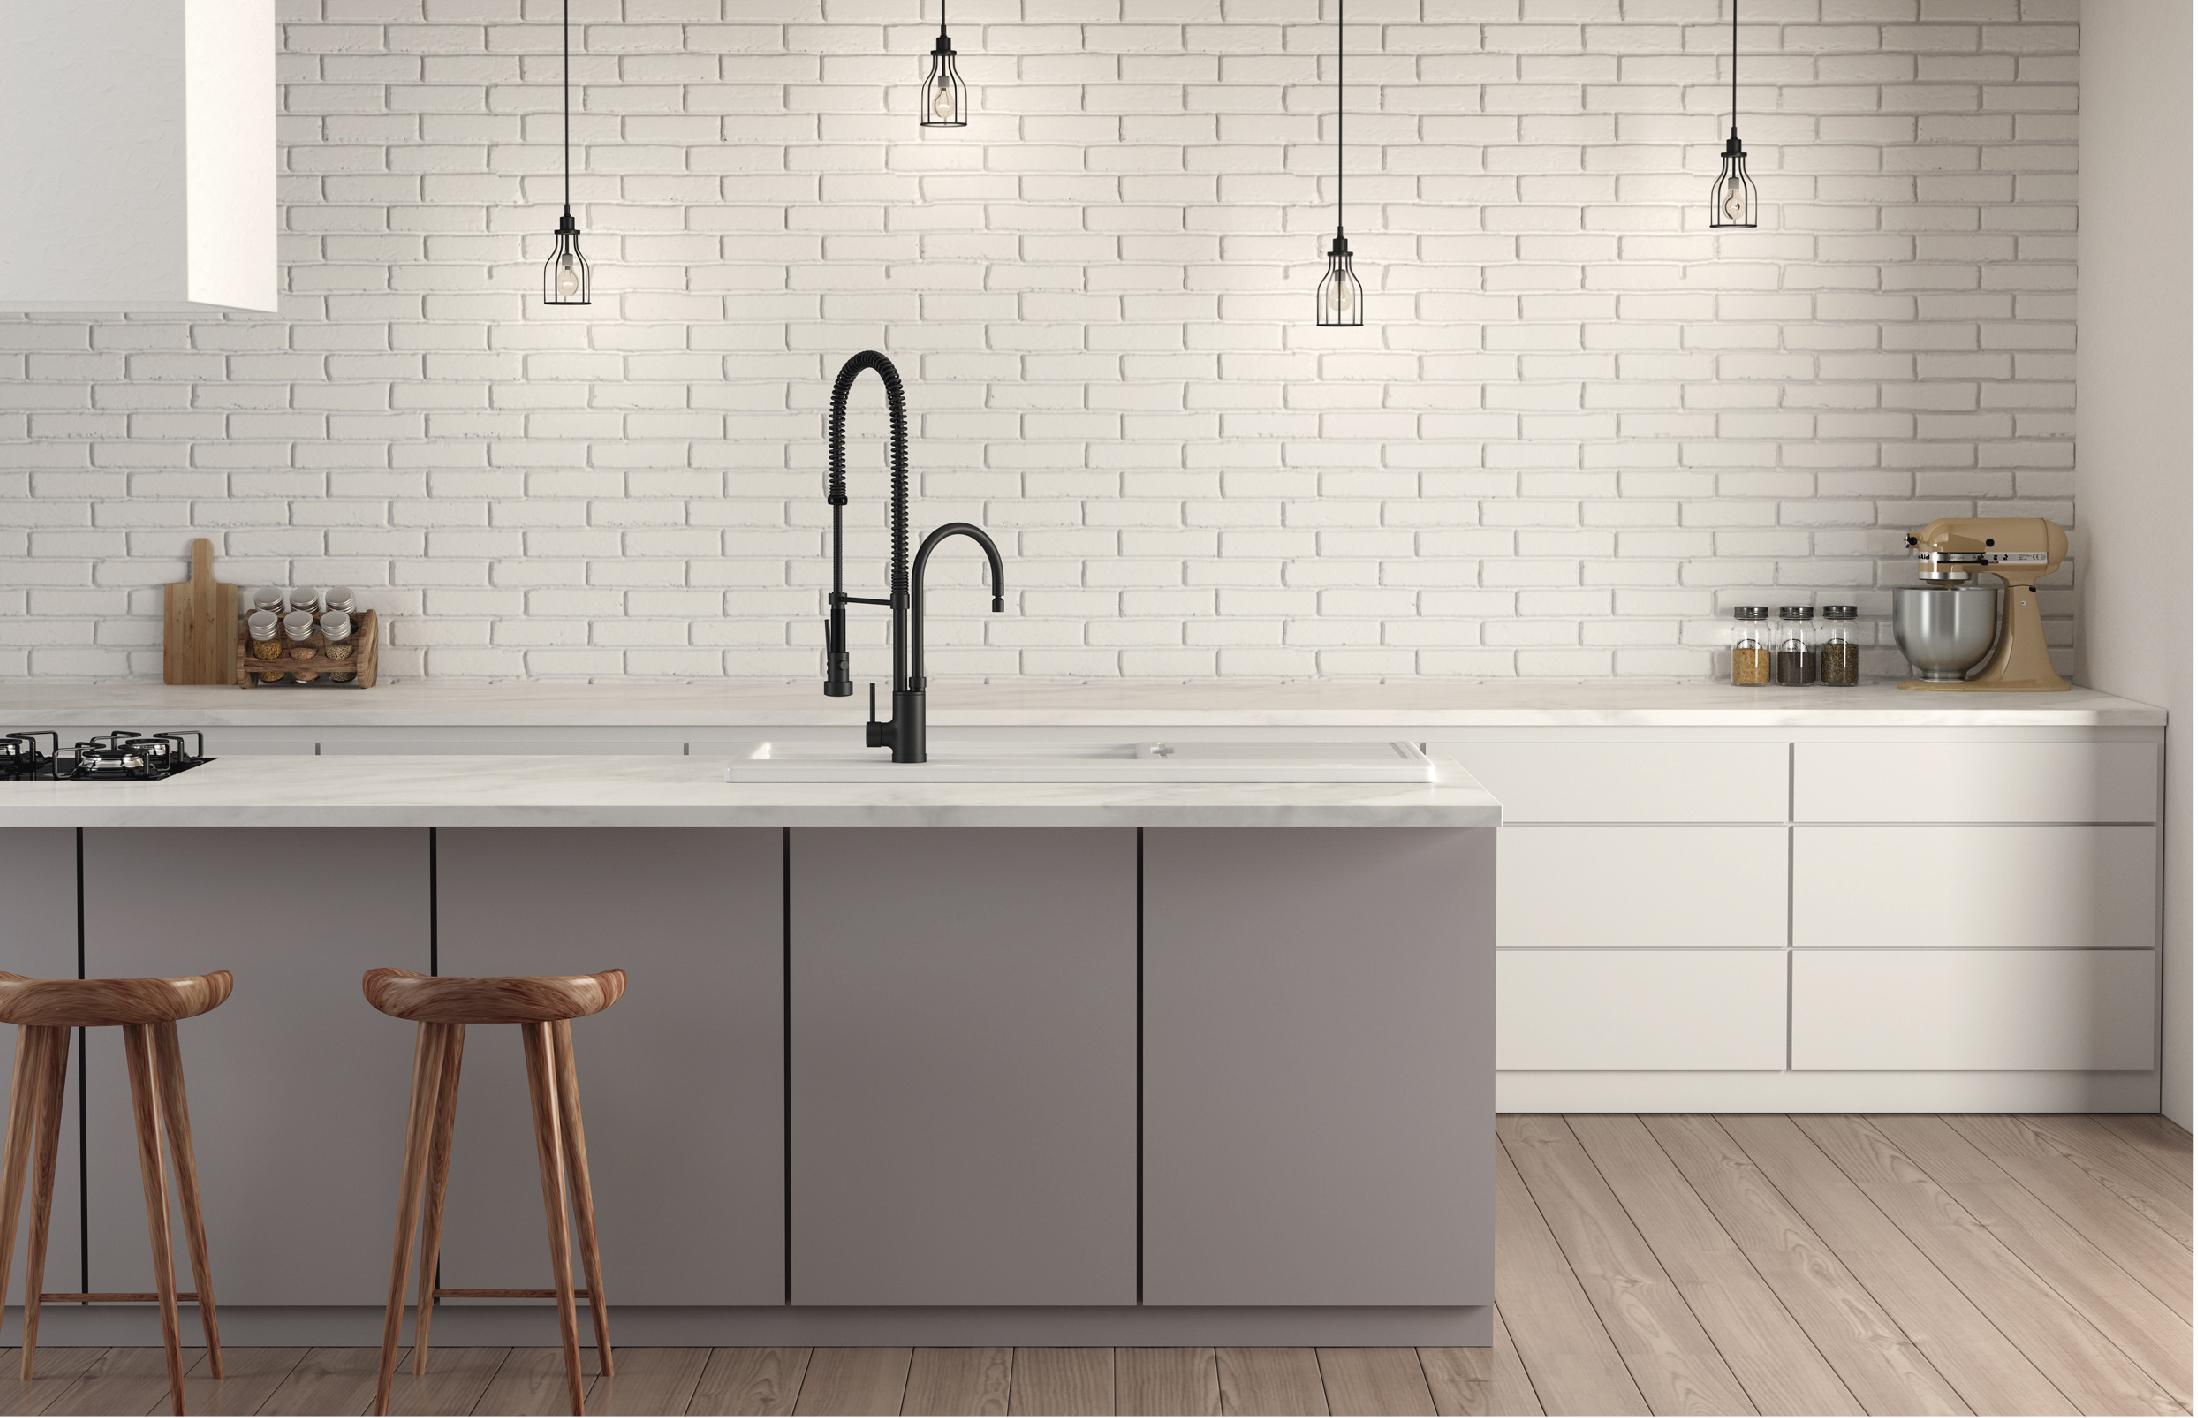 Válvula de descarga Deca Slim e Chuveiro com tubo parede Quadrado #604A3F 2198x1418 Acessórios Banheiro Quadrado